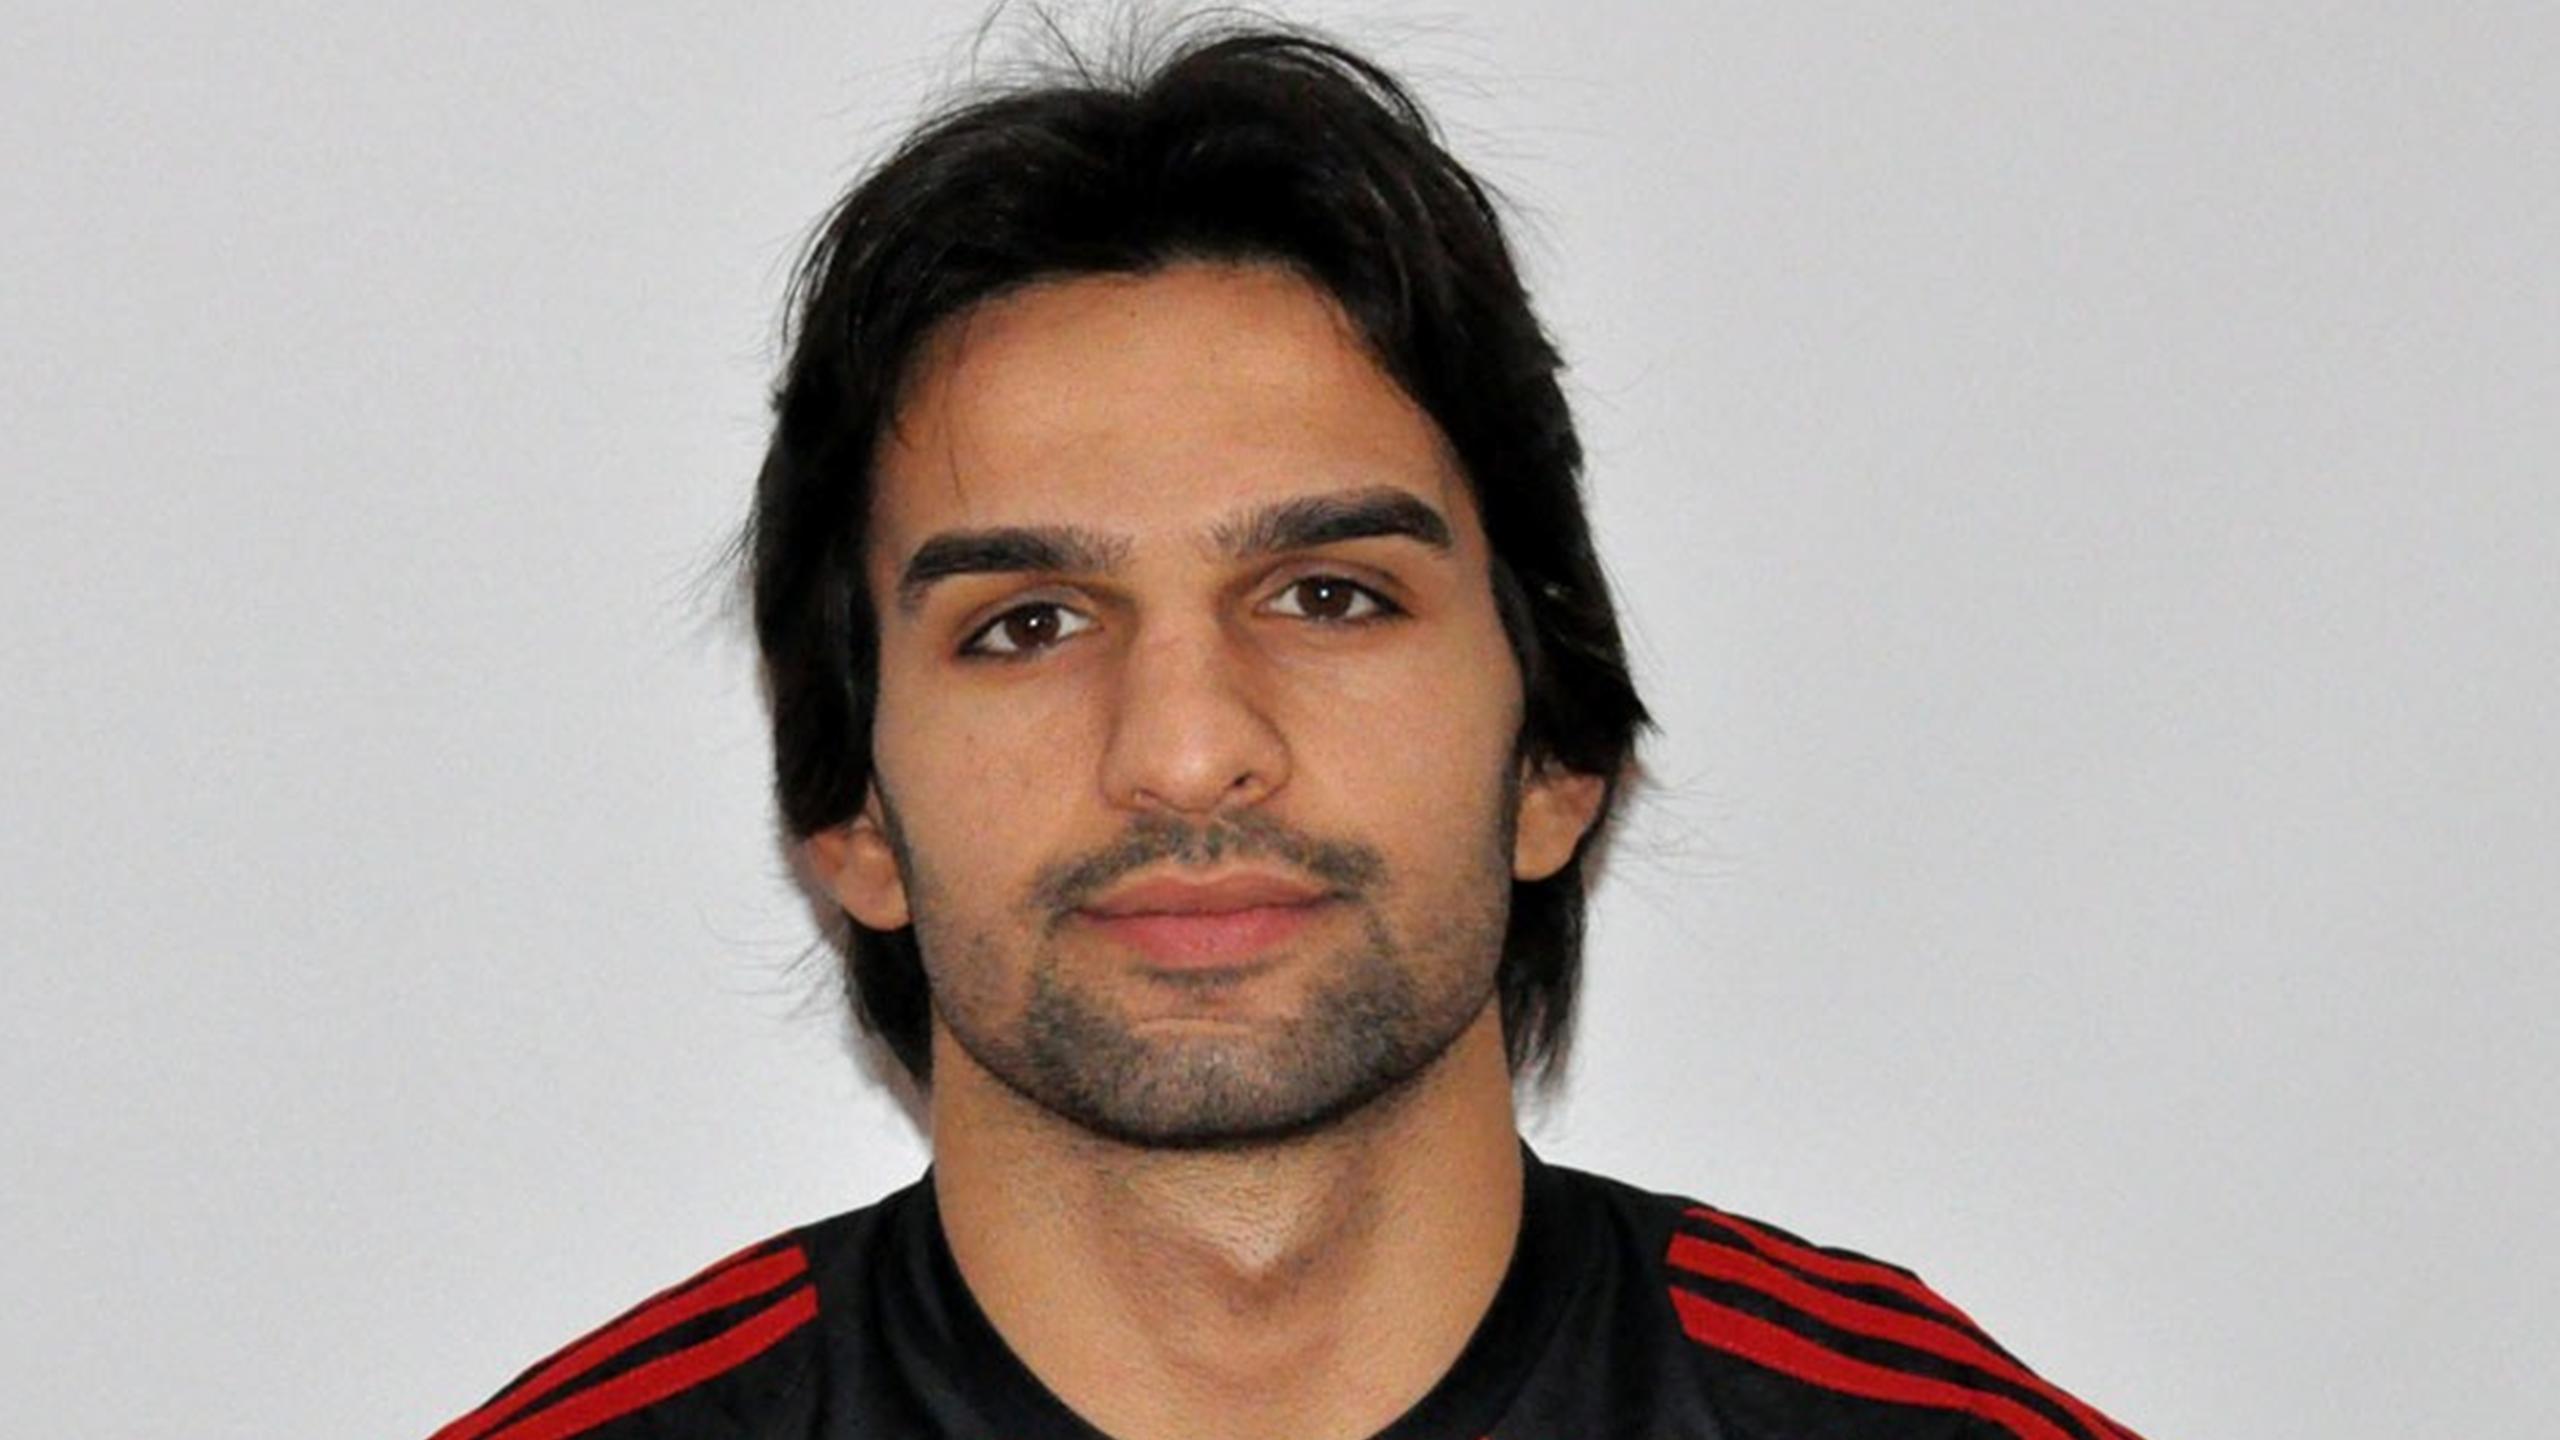 Muhammed Demir